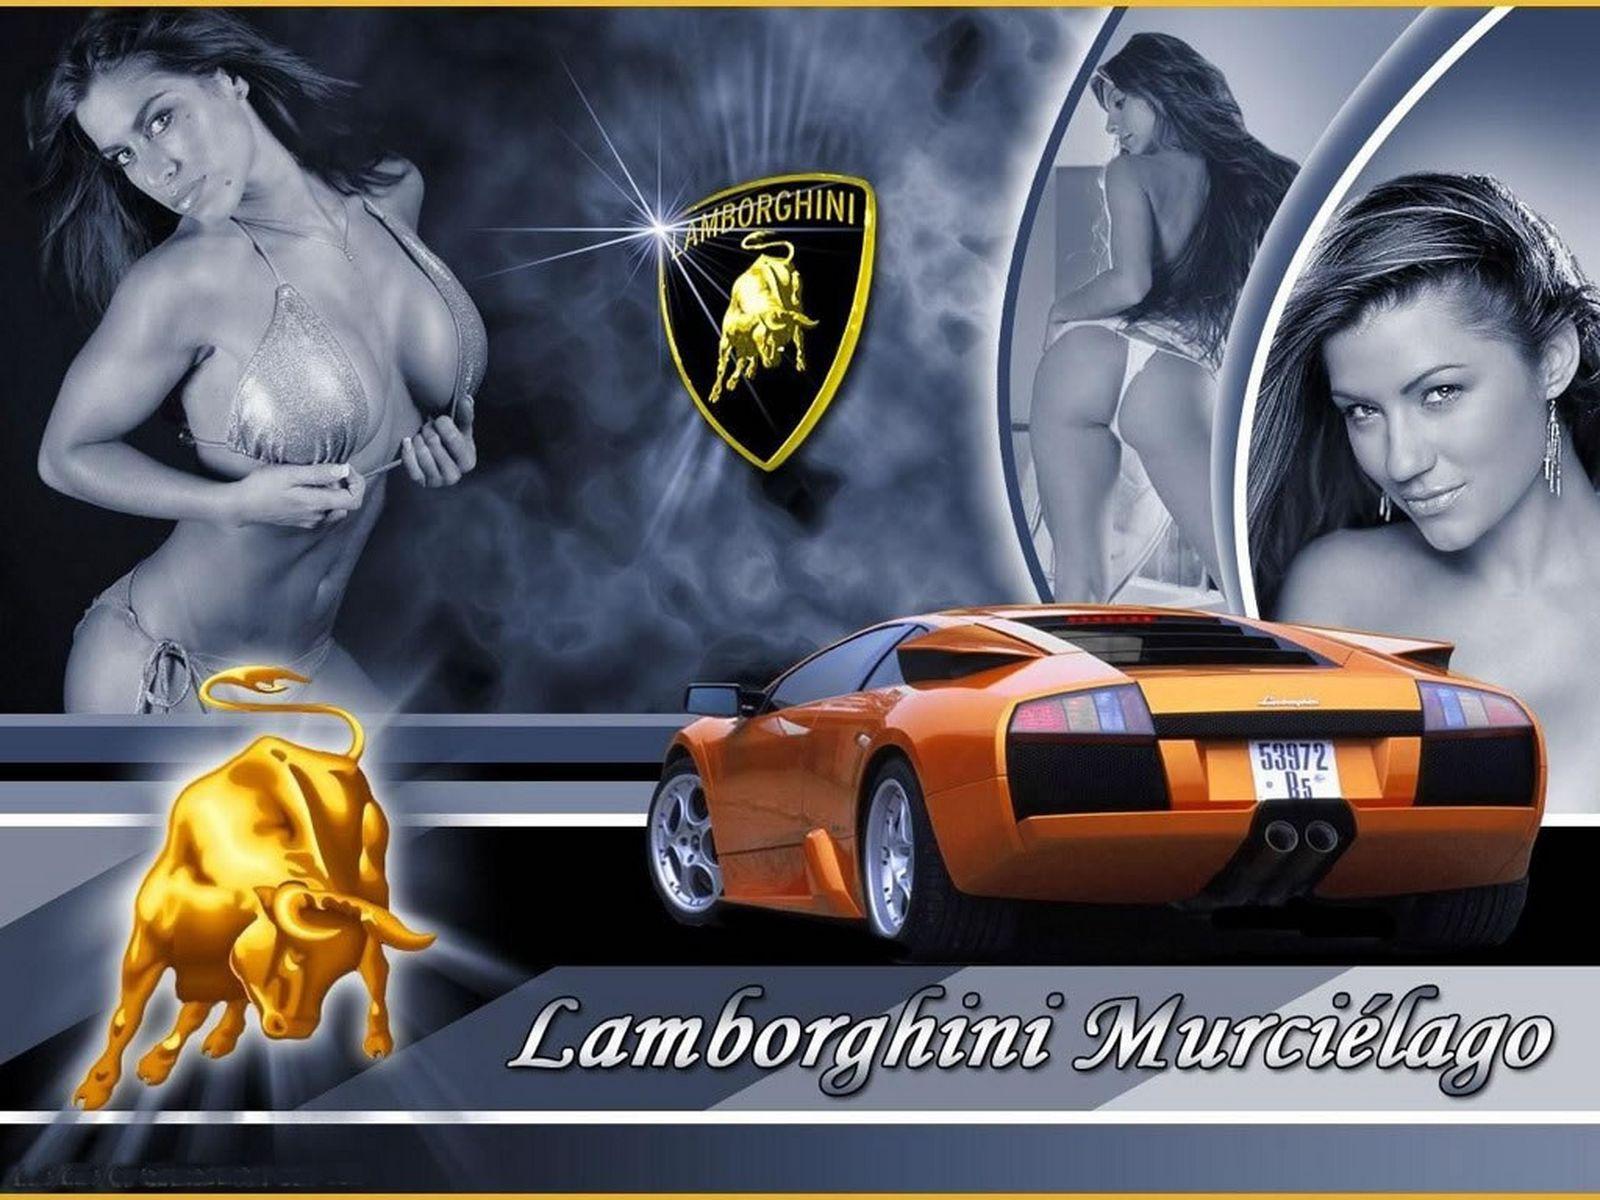 Sexy 6 Fonds 233 Cran Gratuits Sur L Automobile 224 T 233 L 233 Charger Autos De R 234 Ve Pour Votre Bureau